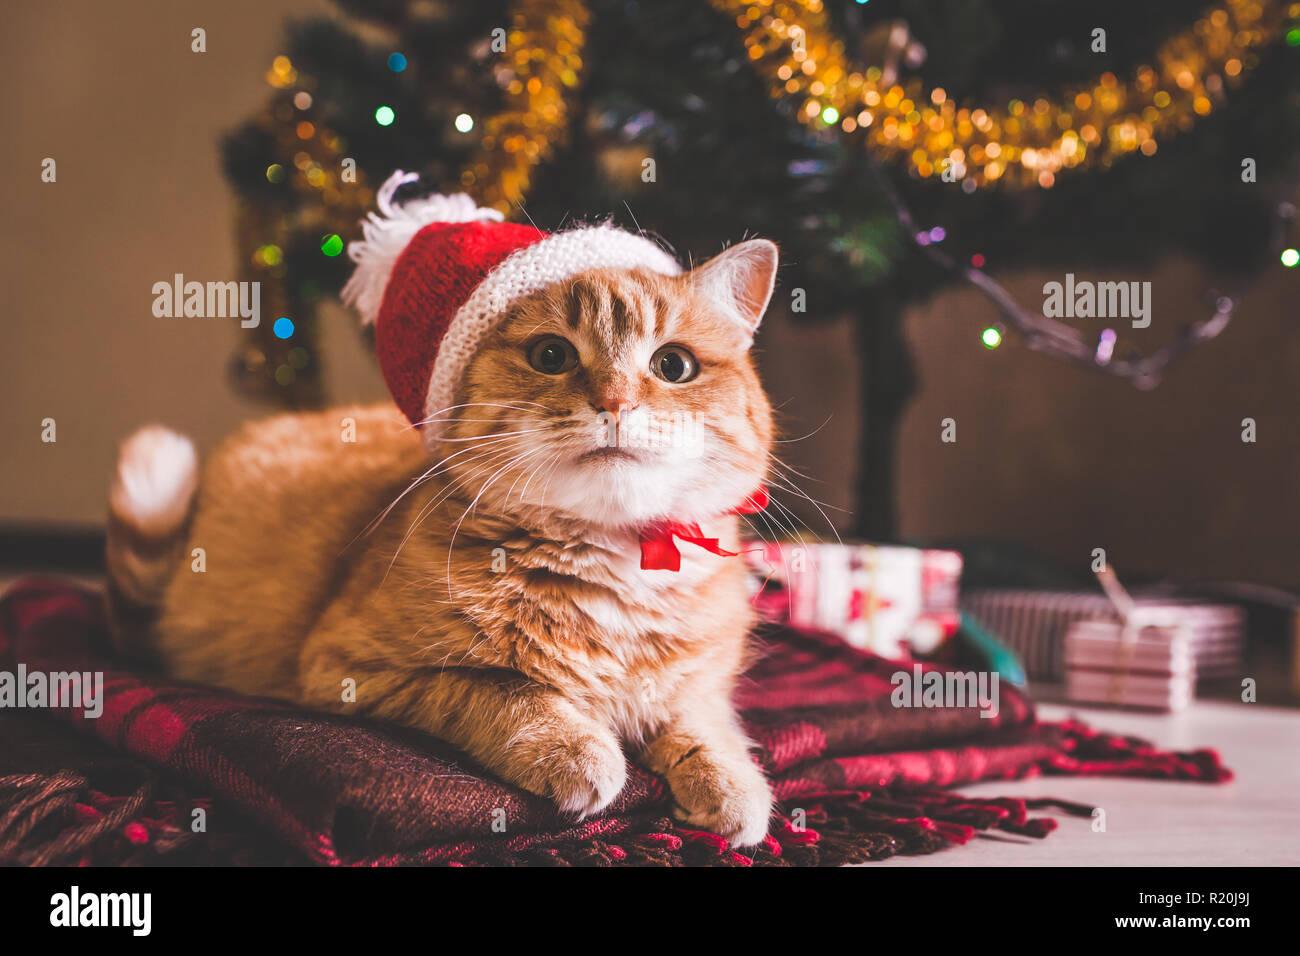 Gato rojo viste gorro de Santa Claus tumbado bajo el árbol de Navidad. Navidad y Año Nuevo concepto Imagen De Stock